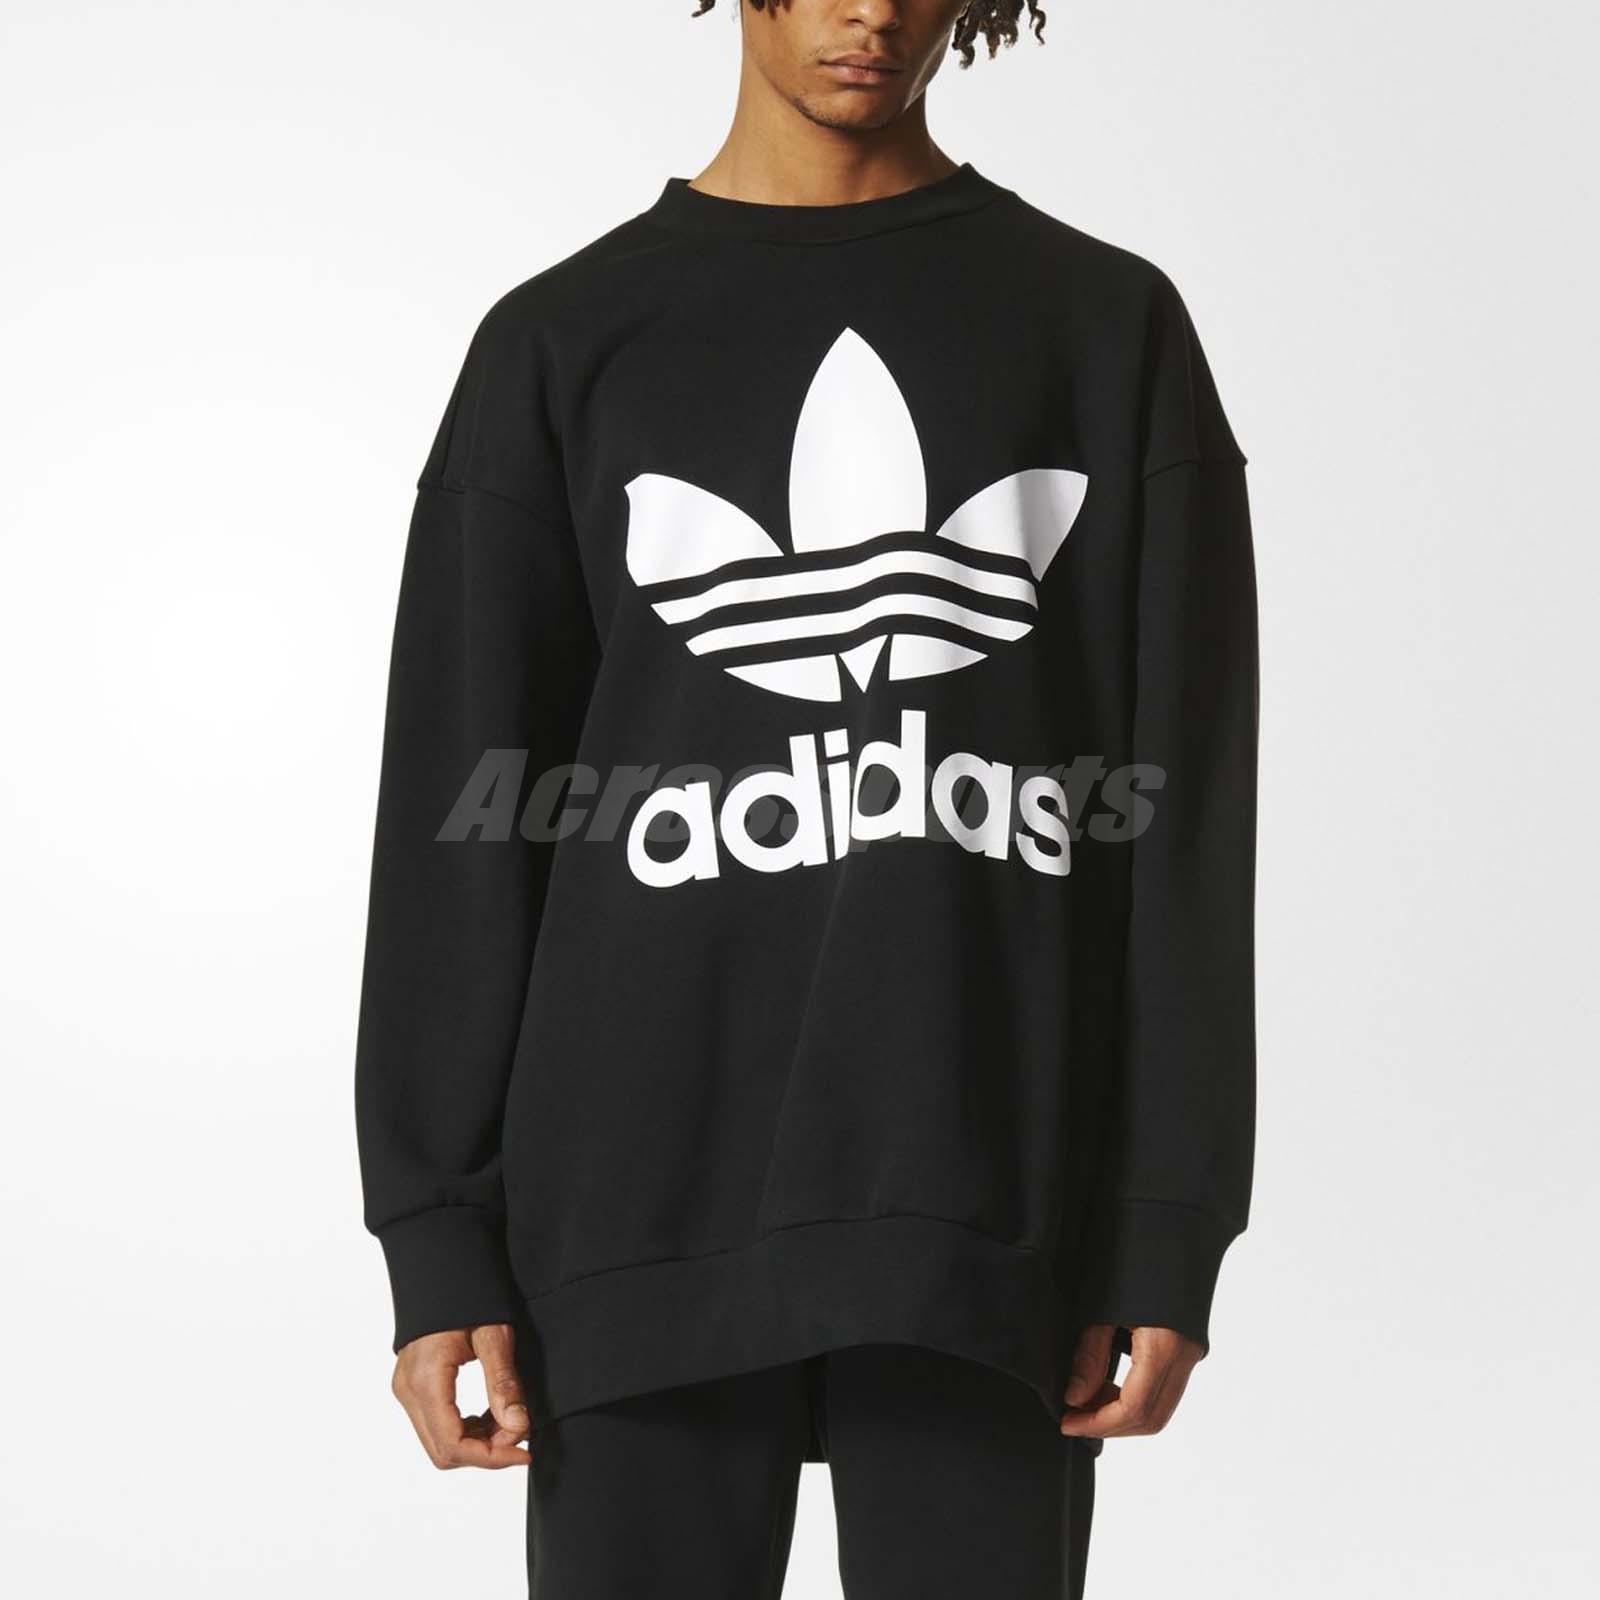 Details about adidas Men Originals Crewneck Sweatshirt Oversize Pullover Black White BQ1814